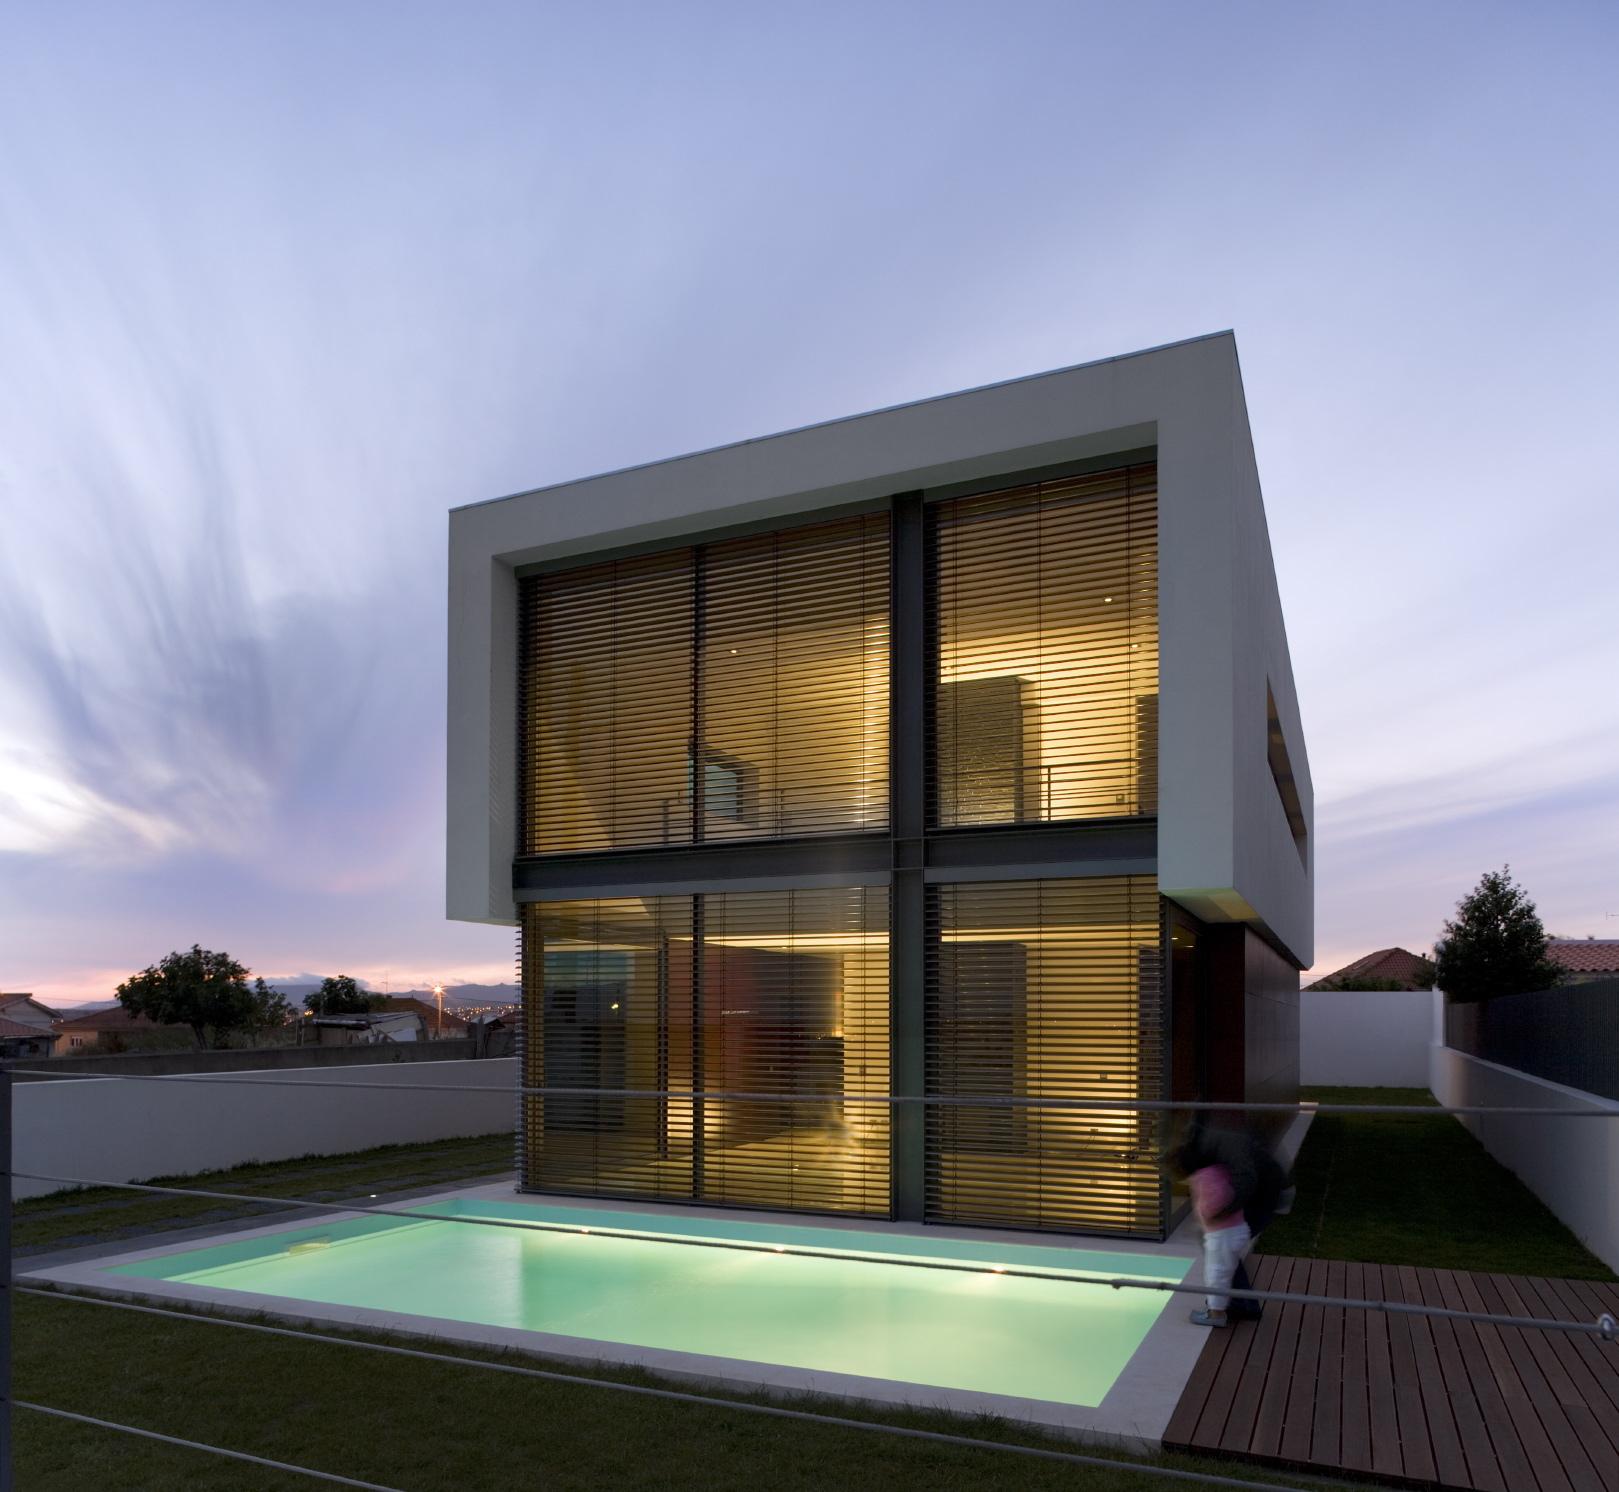 Casa DT / Jorge Graça Costa, © FG + SG – Fernando Guerra, Sergio Guerra